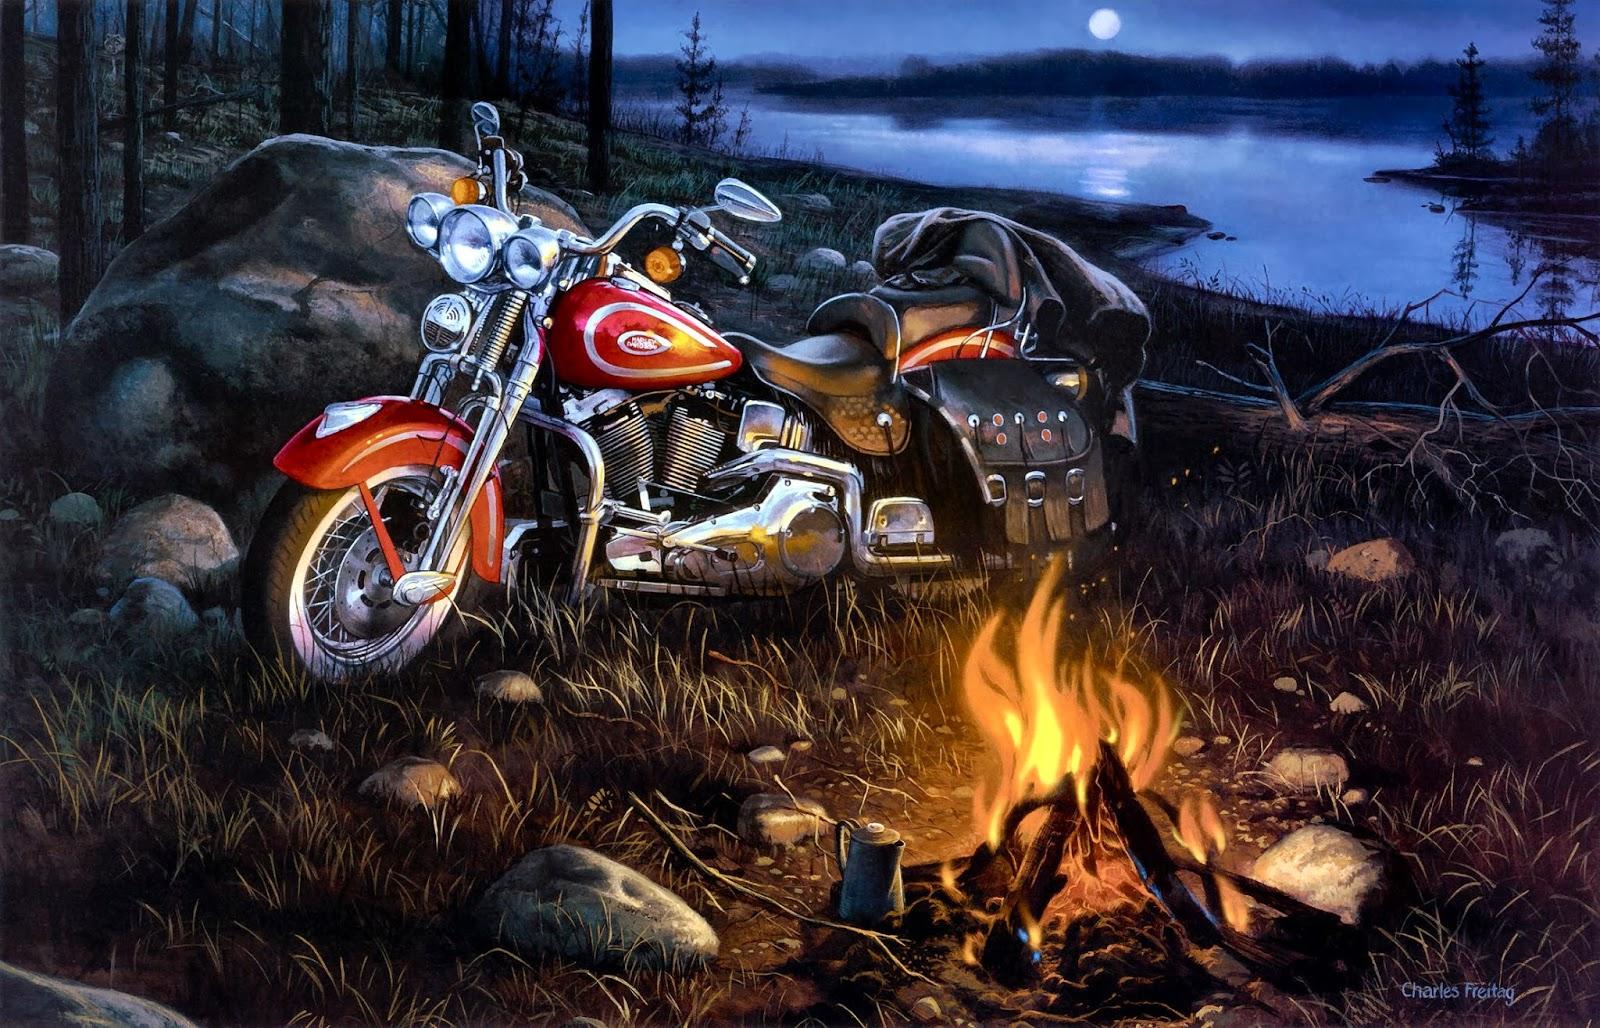 Harley Screensavers Wallpaper Wallpapersafari Davidson Desktop High Resolution Free